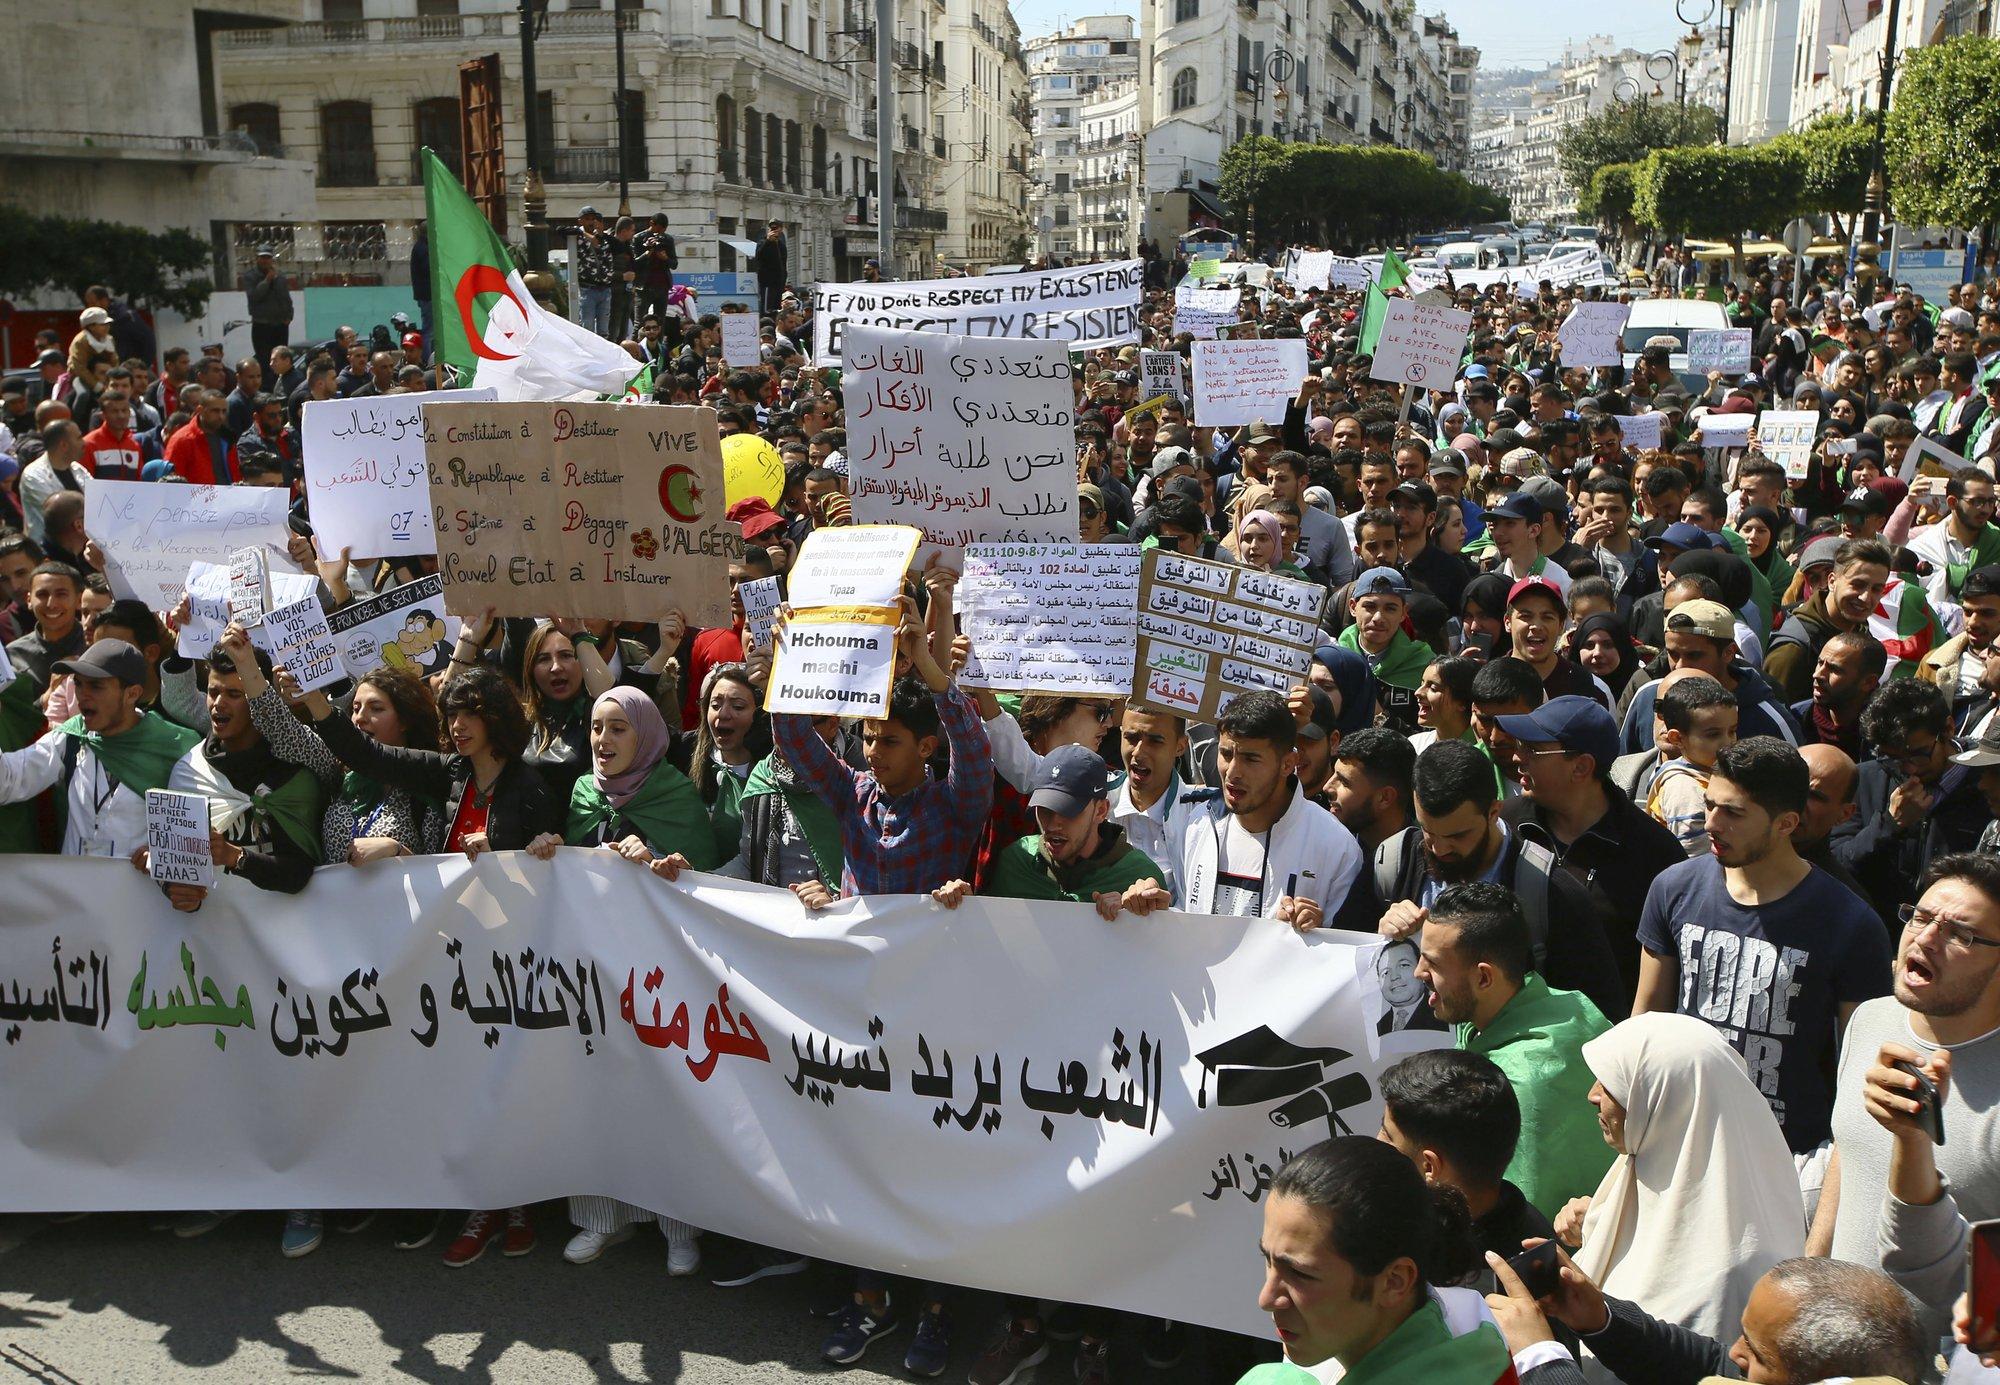 Algeria's Bouteflika resigns from presidency